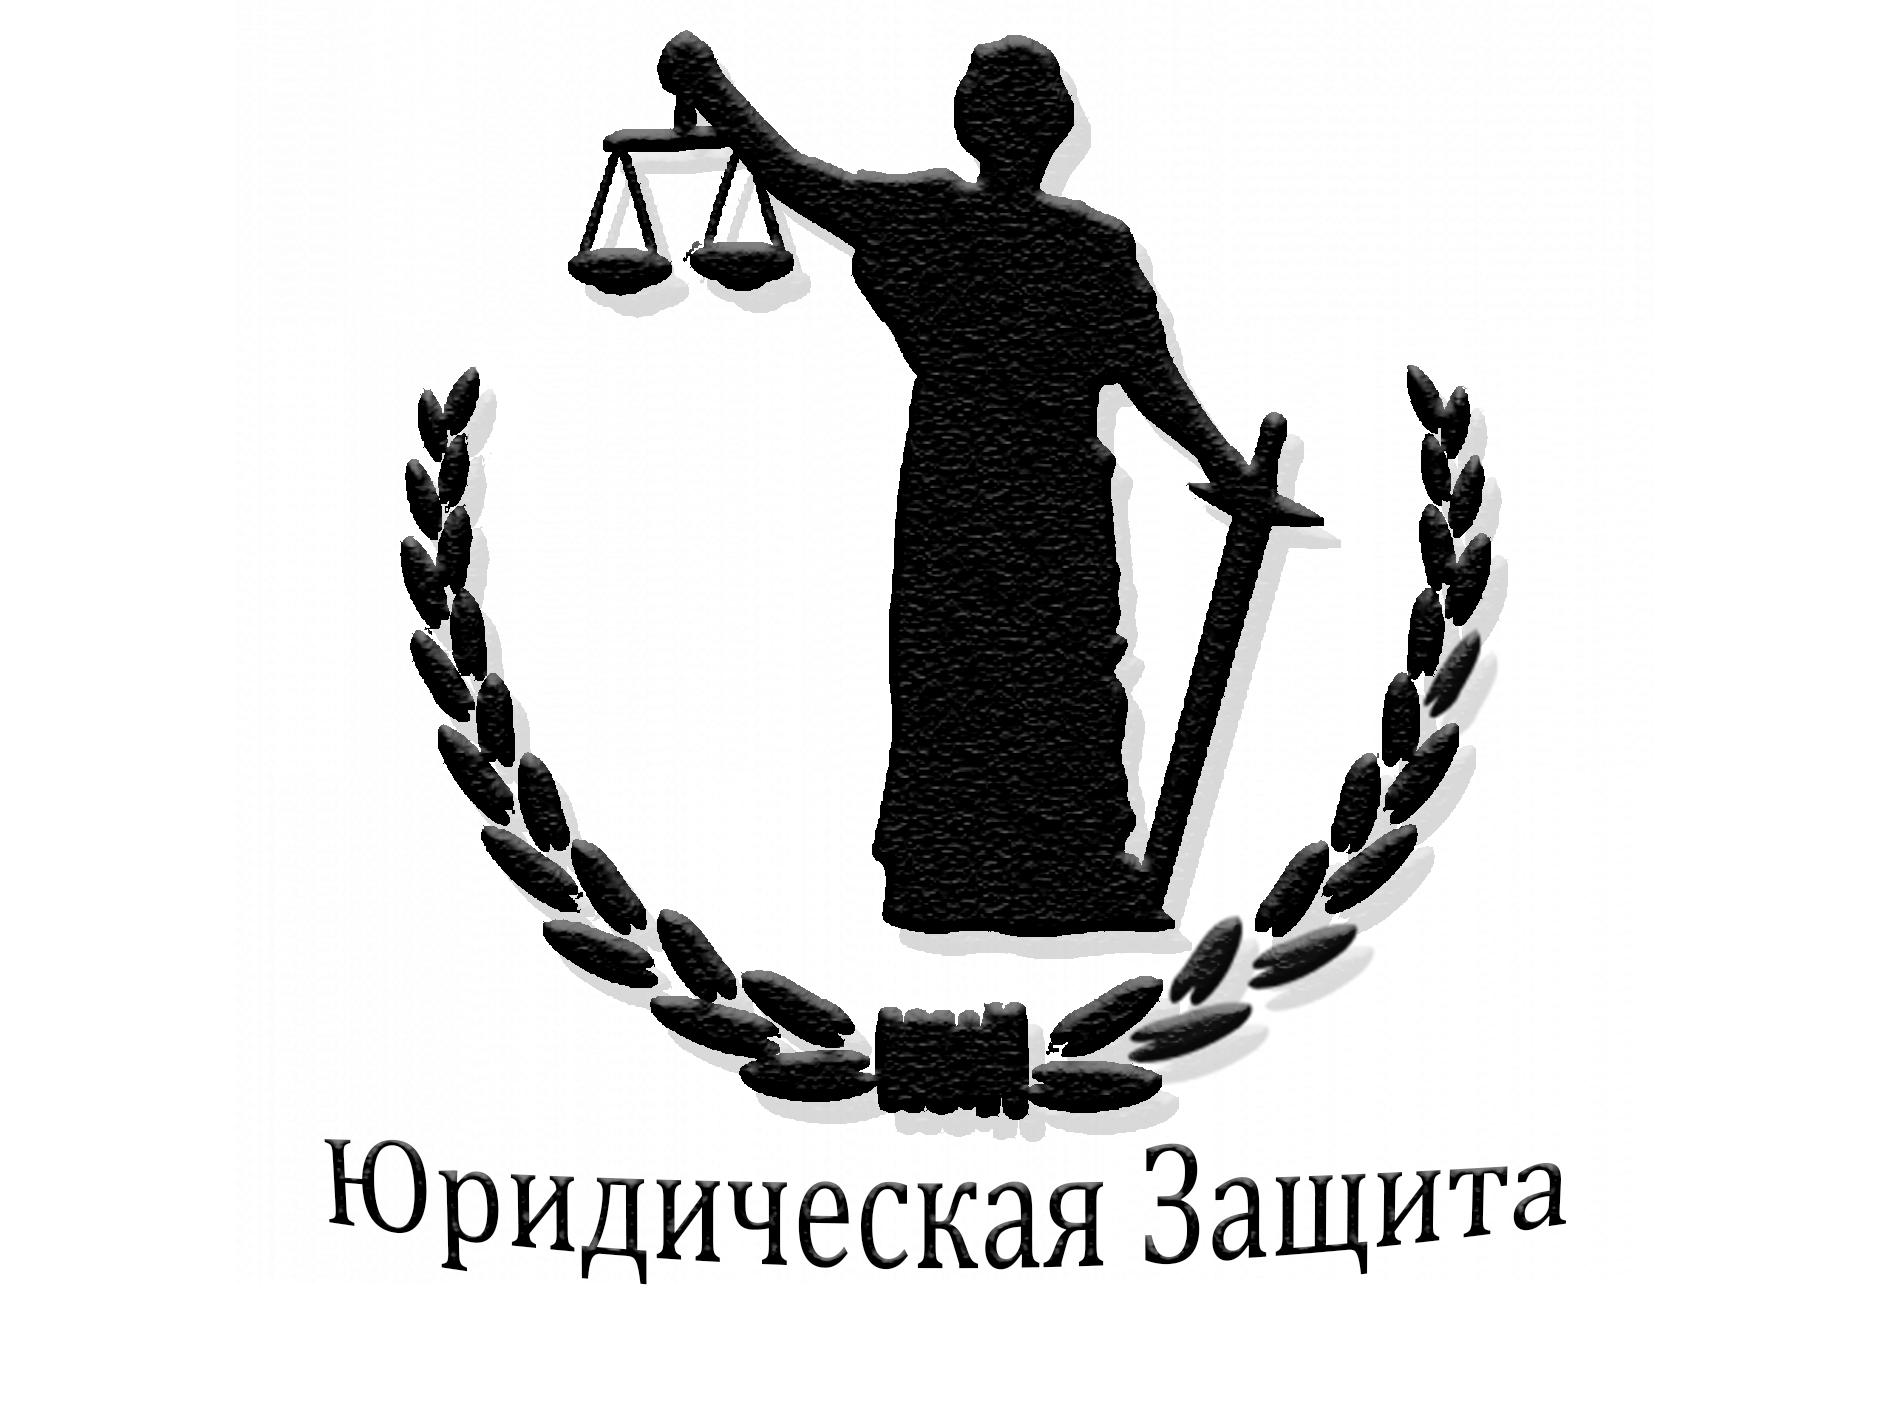 Разработка логотипа для юридической компании фото f_99955e196a7e1236.png